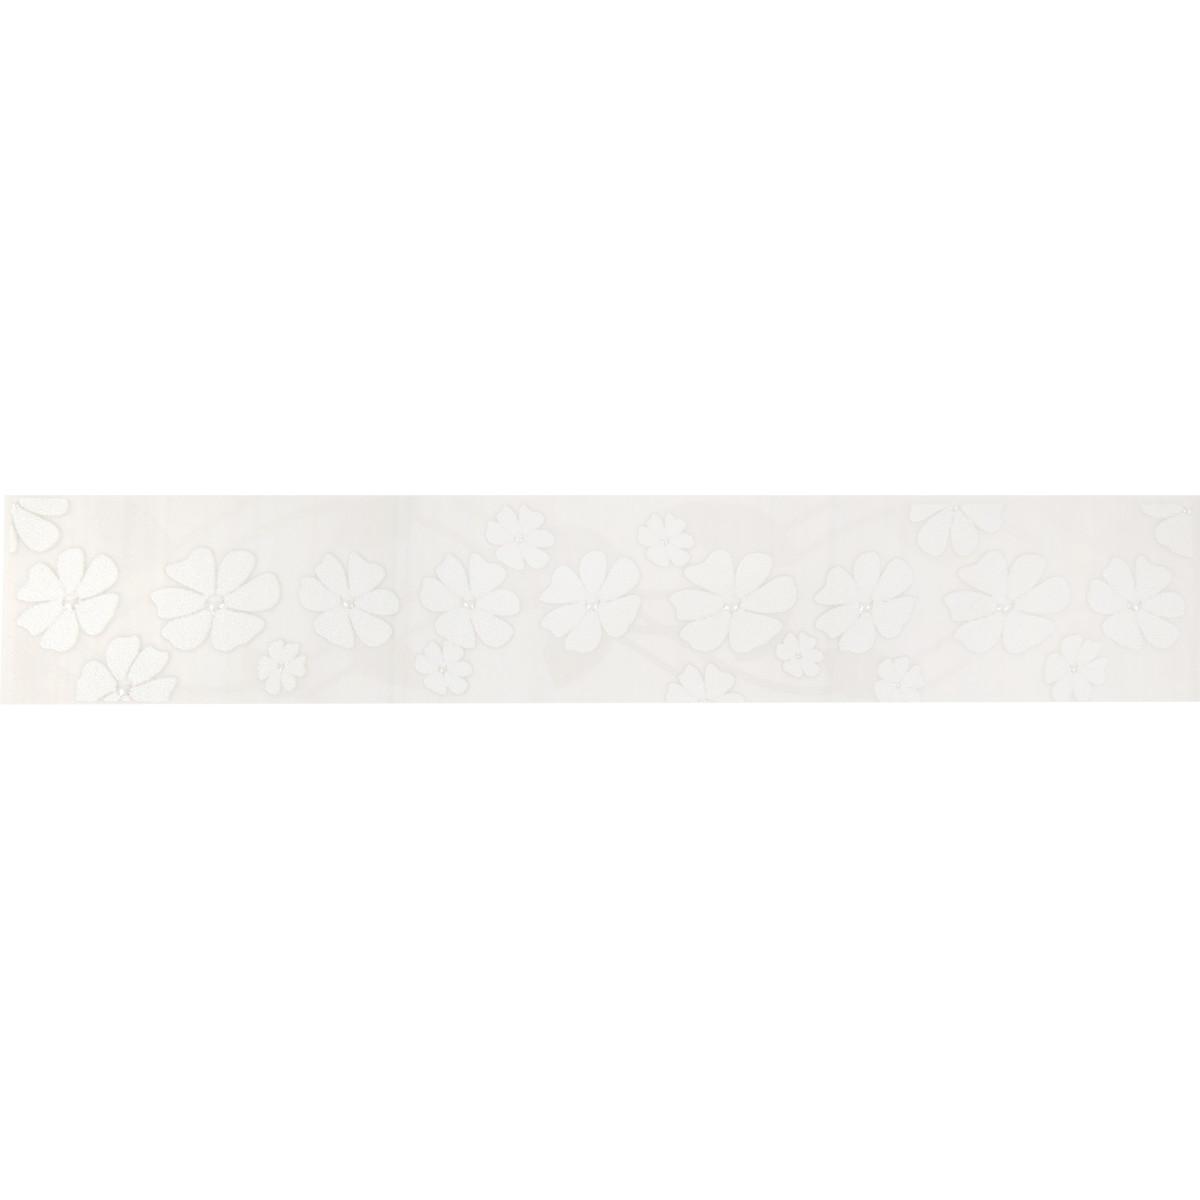 Бордюр «Шарм» 27.5х4.7 см цвет бежевый